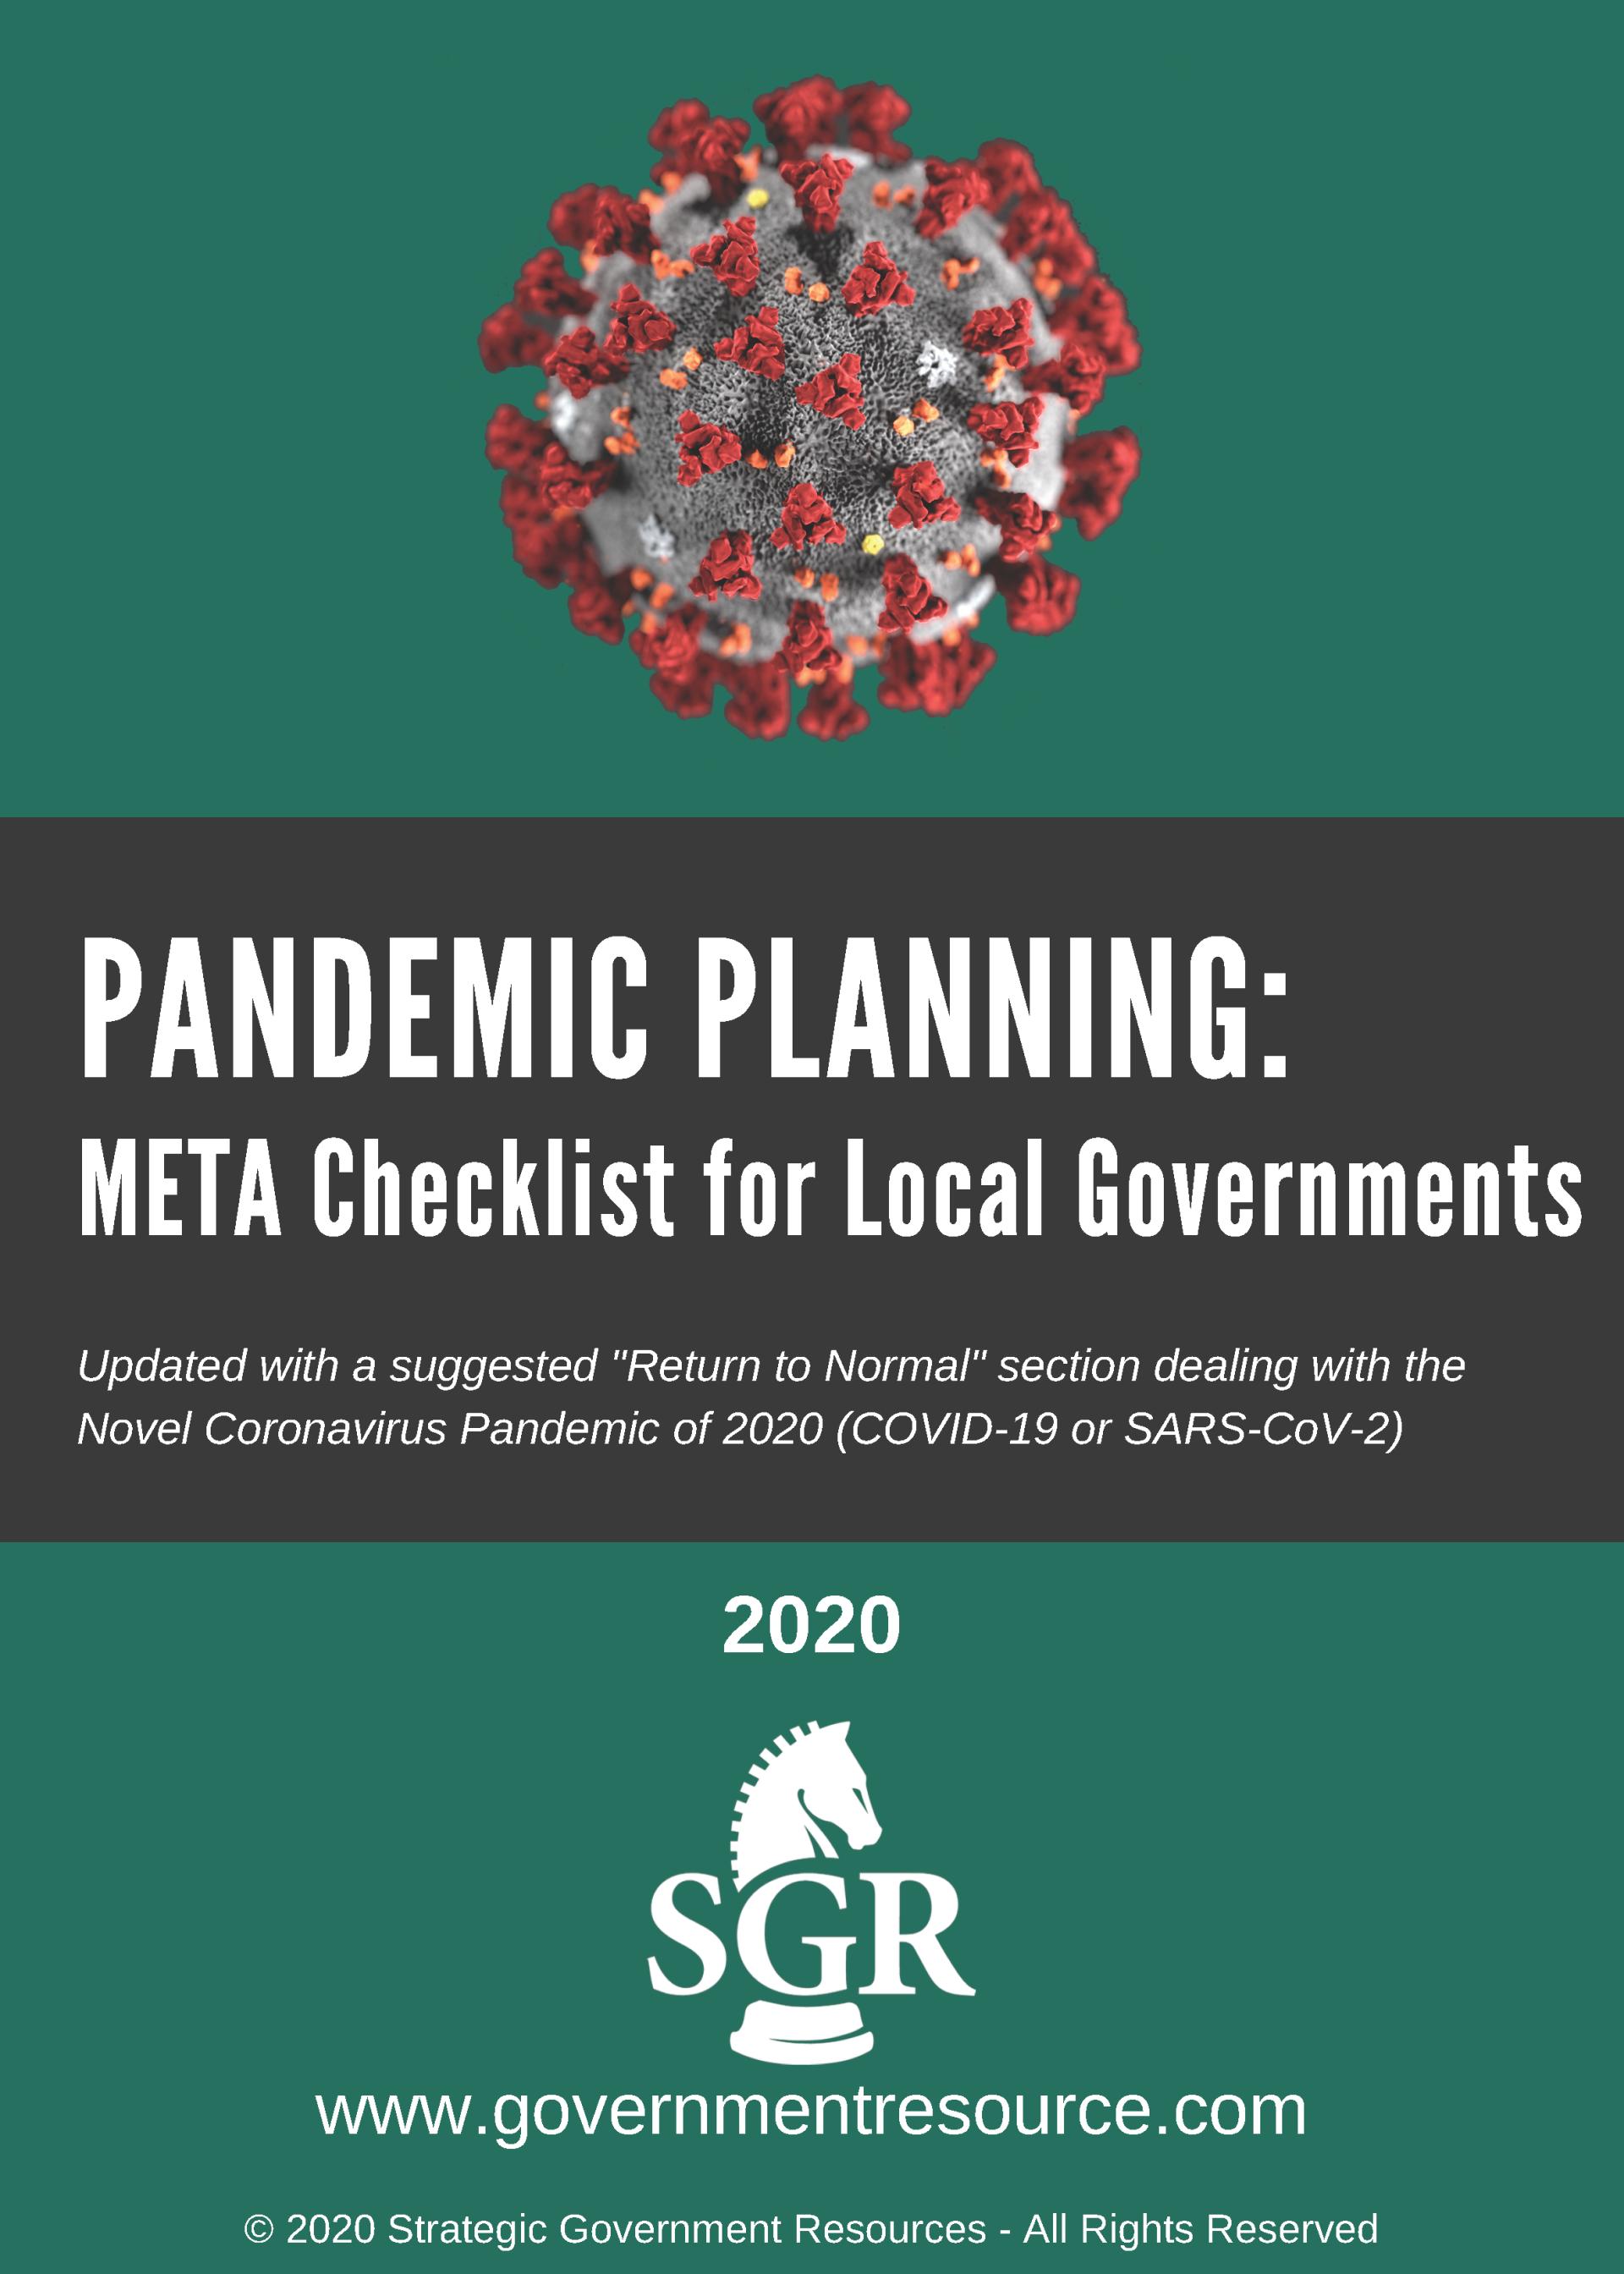 Local Government META Checklist Matrix Cover image